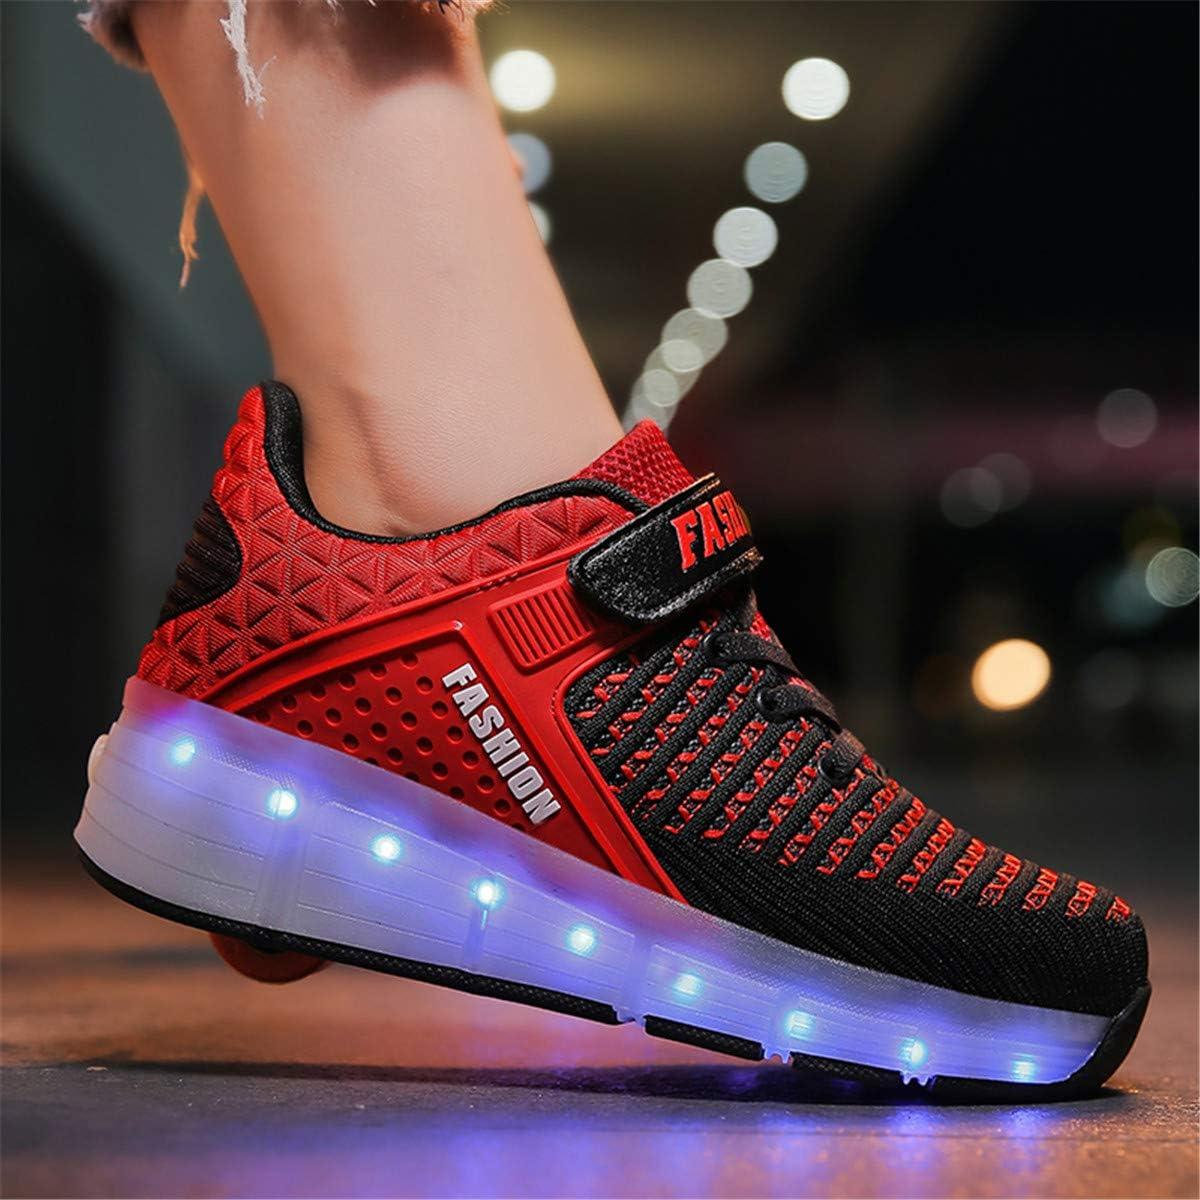 ❤❤❤ Unisex Recargable Led Luz Autom/ática de Skate Zapatillas con Ruedas Zapatos Patines Deportes Zapatos para Ni/ños Ni/ñas ❤❤❤